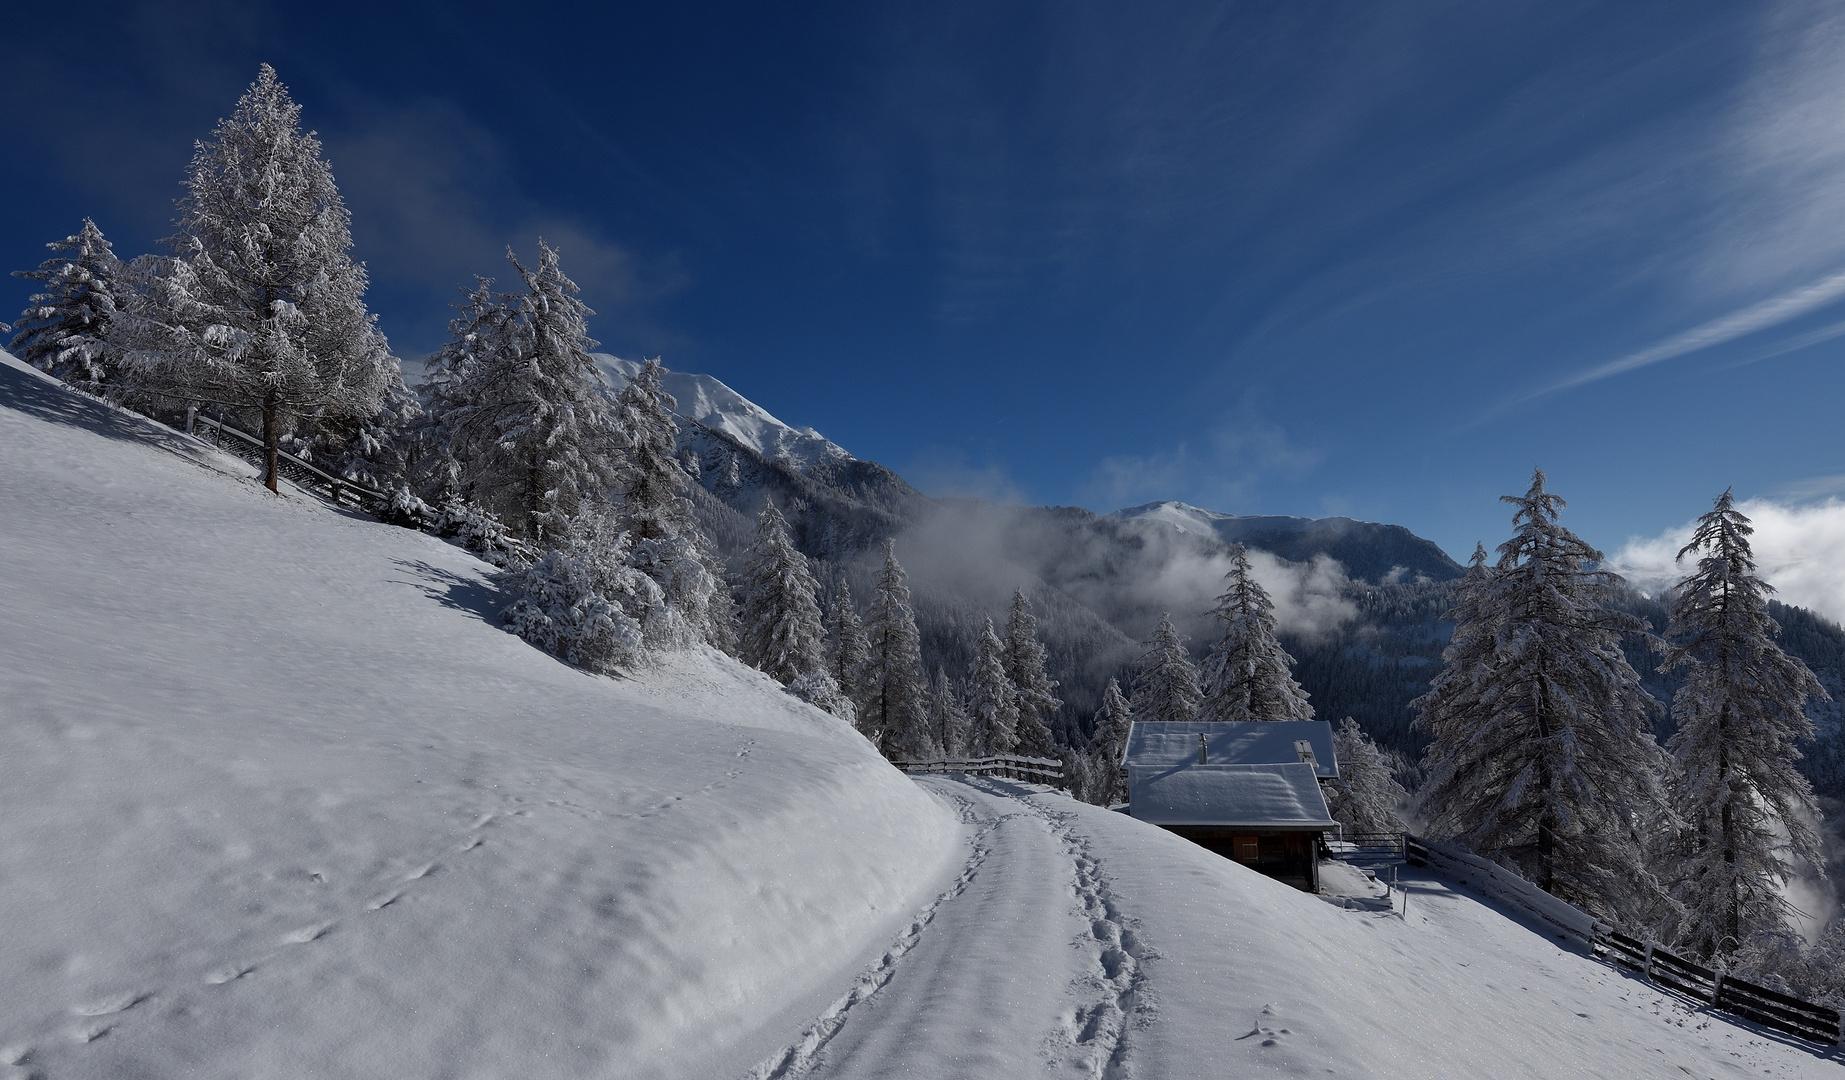 Frohe Weihnachten Schweiz.Frohe Weihnachten Foto Bild Europe Schweiz